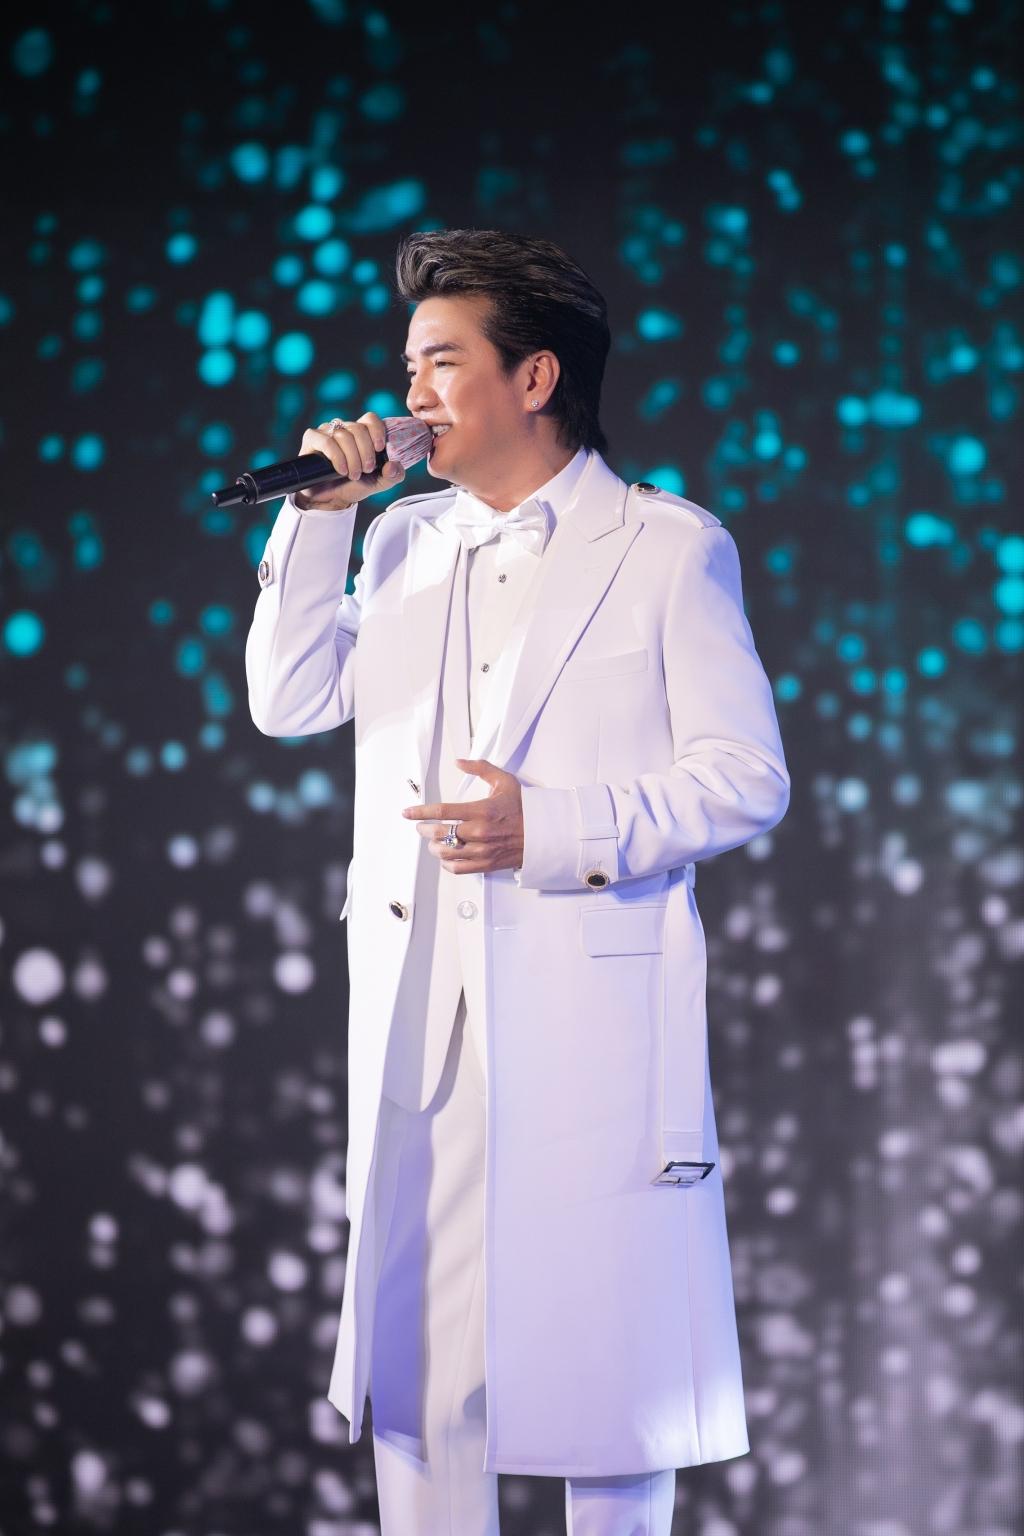 Hoa hậu Tiểu Vy trình diễn áo dài, Đàm Vĩnh Hưng hát tiếng Quảng gây quỹ ủng hộ Quảng Nam, Đà Nẵng